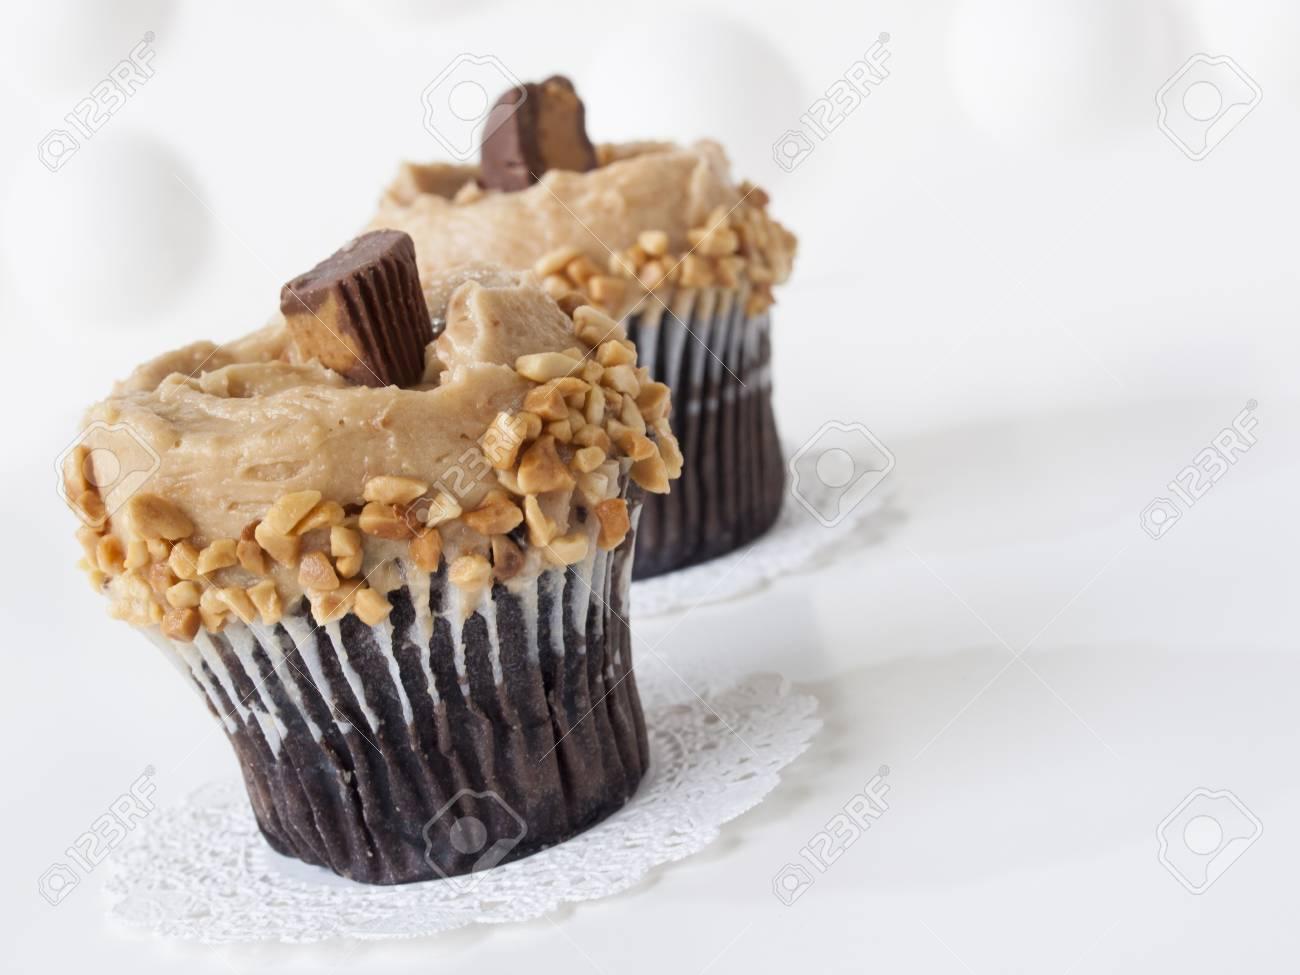 Gourmet Reeses Erdnussbutter Tassen Kuchen Auf Weissem Hintergrund